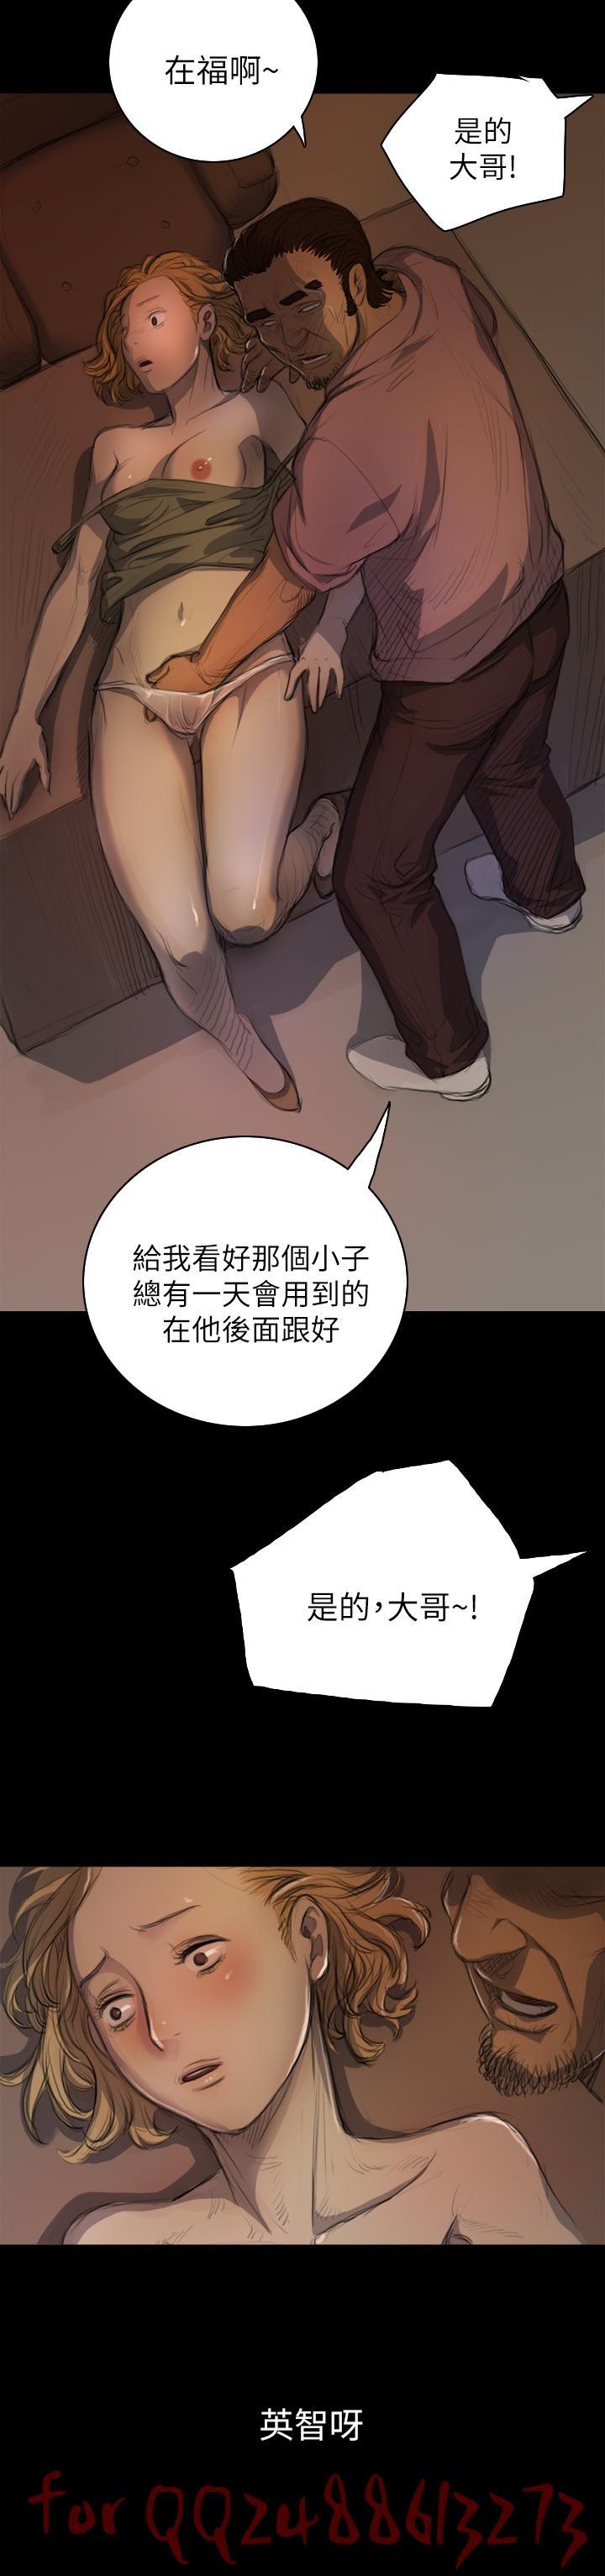 姊姊: 莲 第1~10話 [Chinese]中文 254